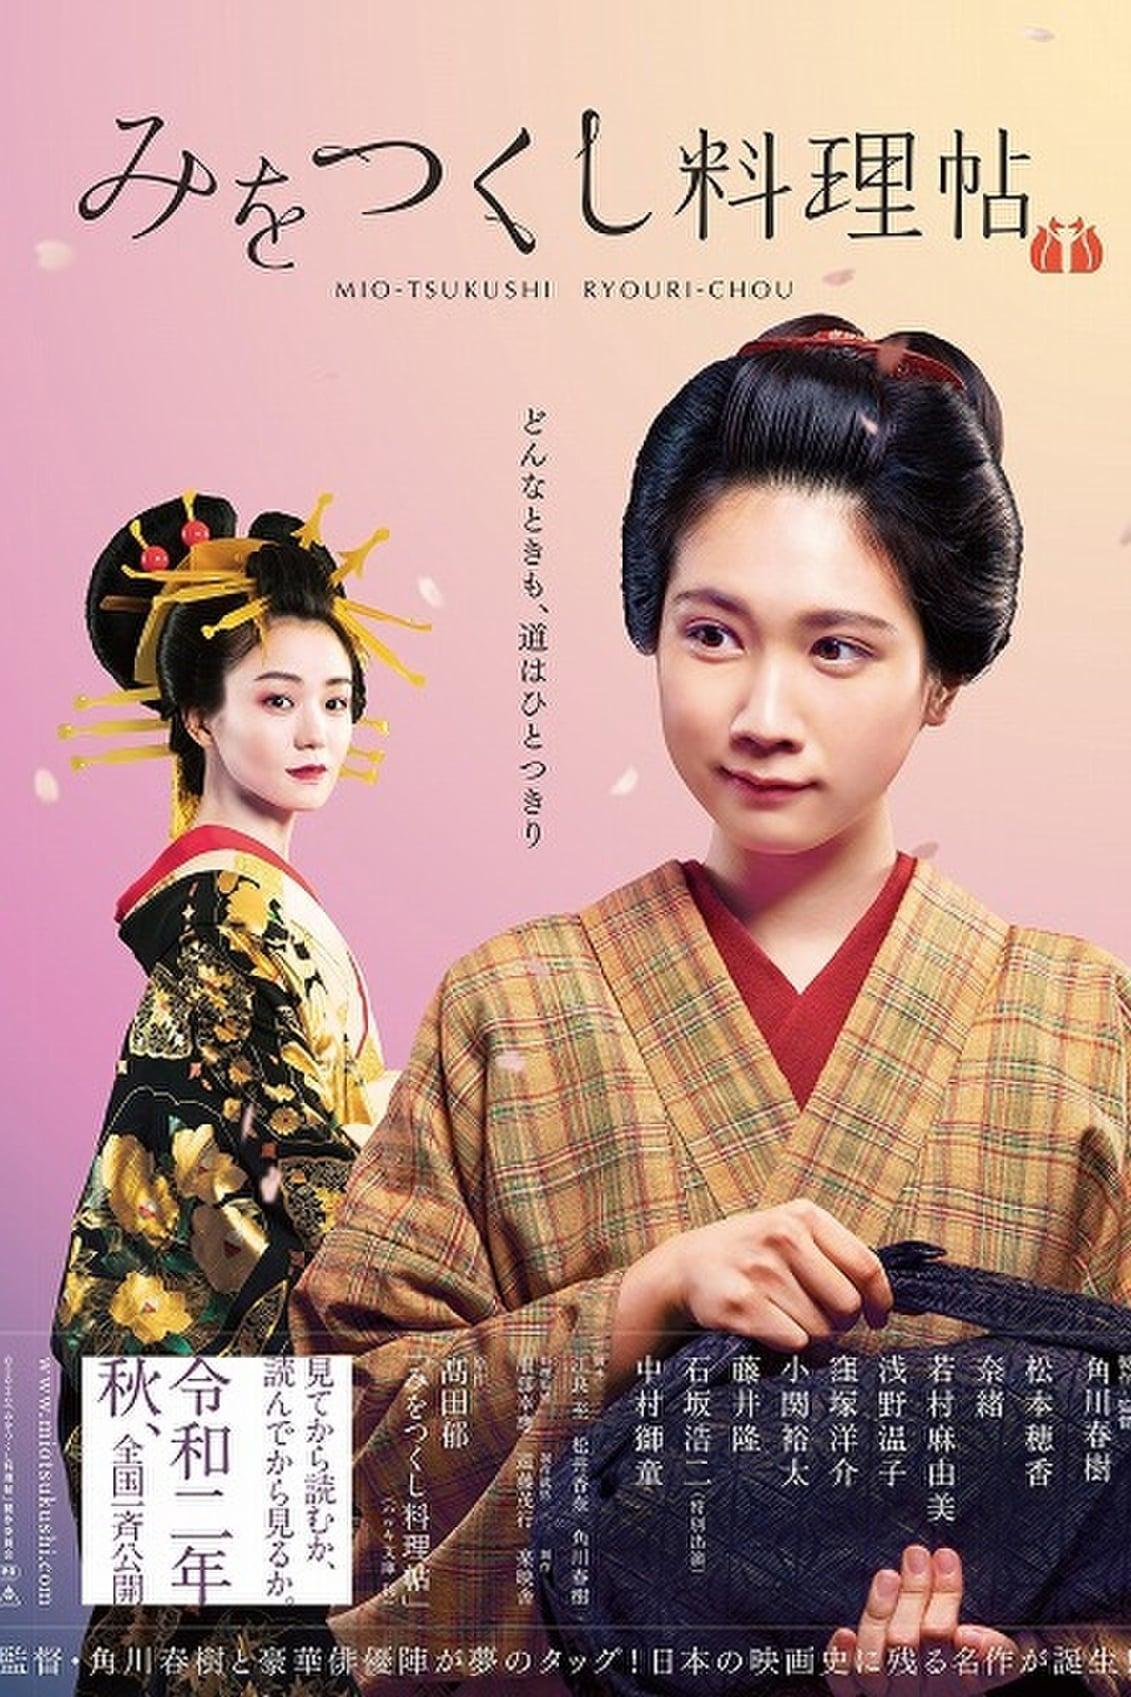 Mio-Tsukushi Ryouri-Chou